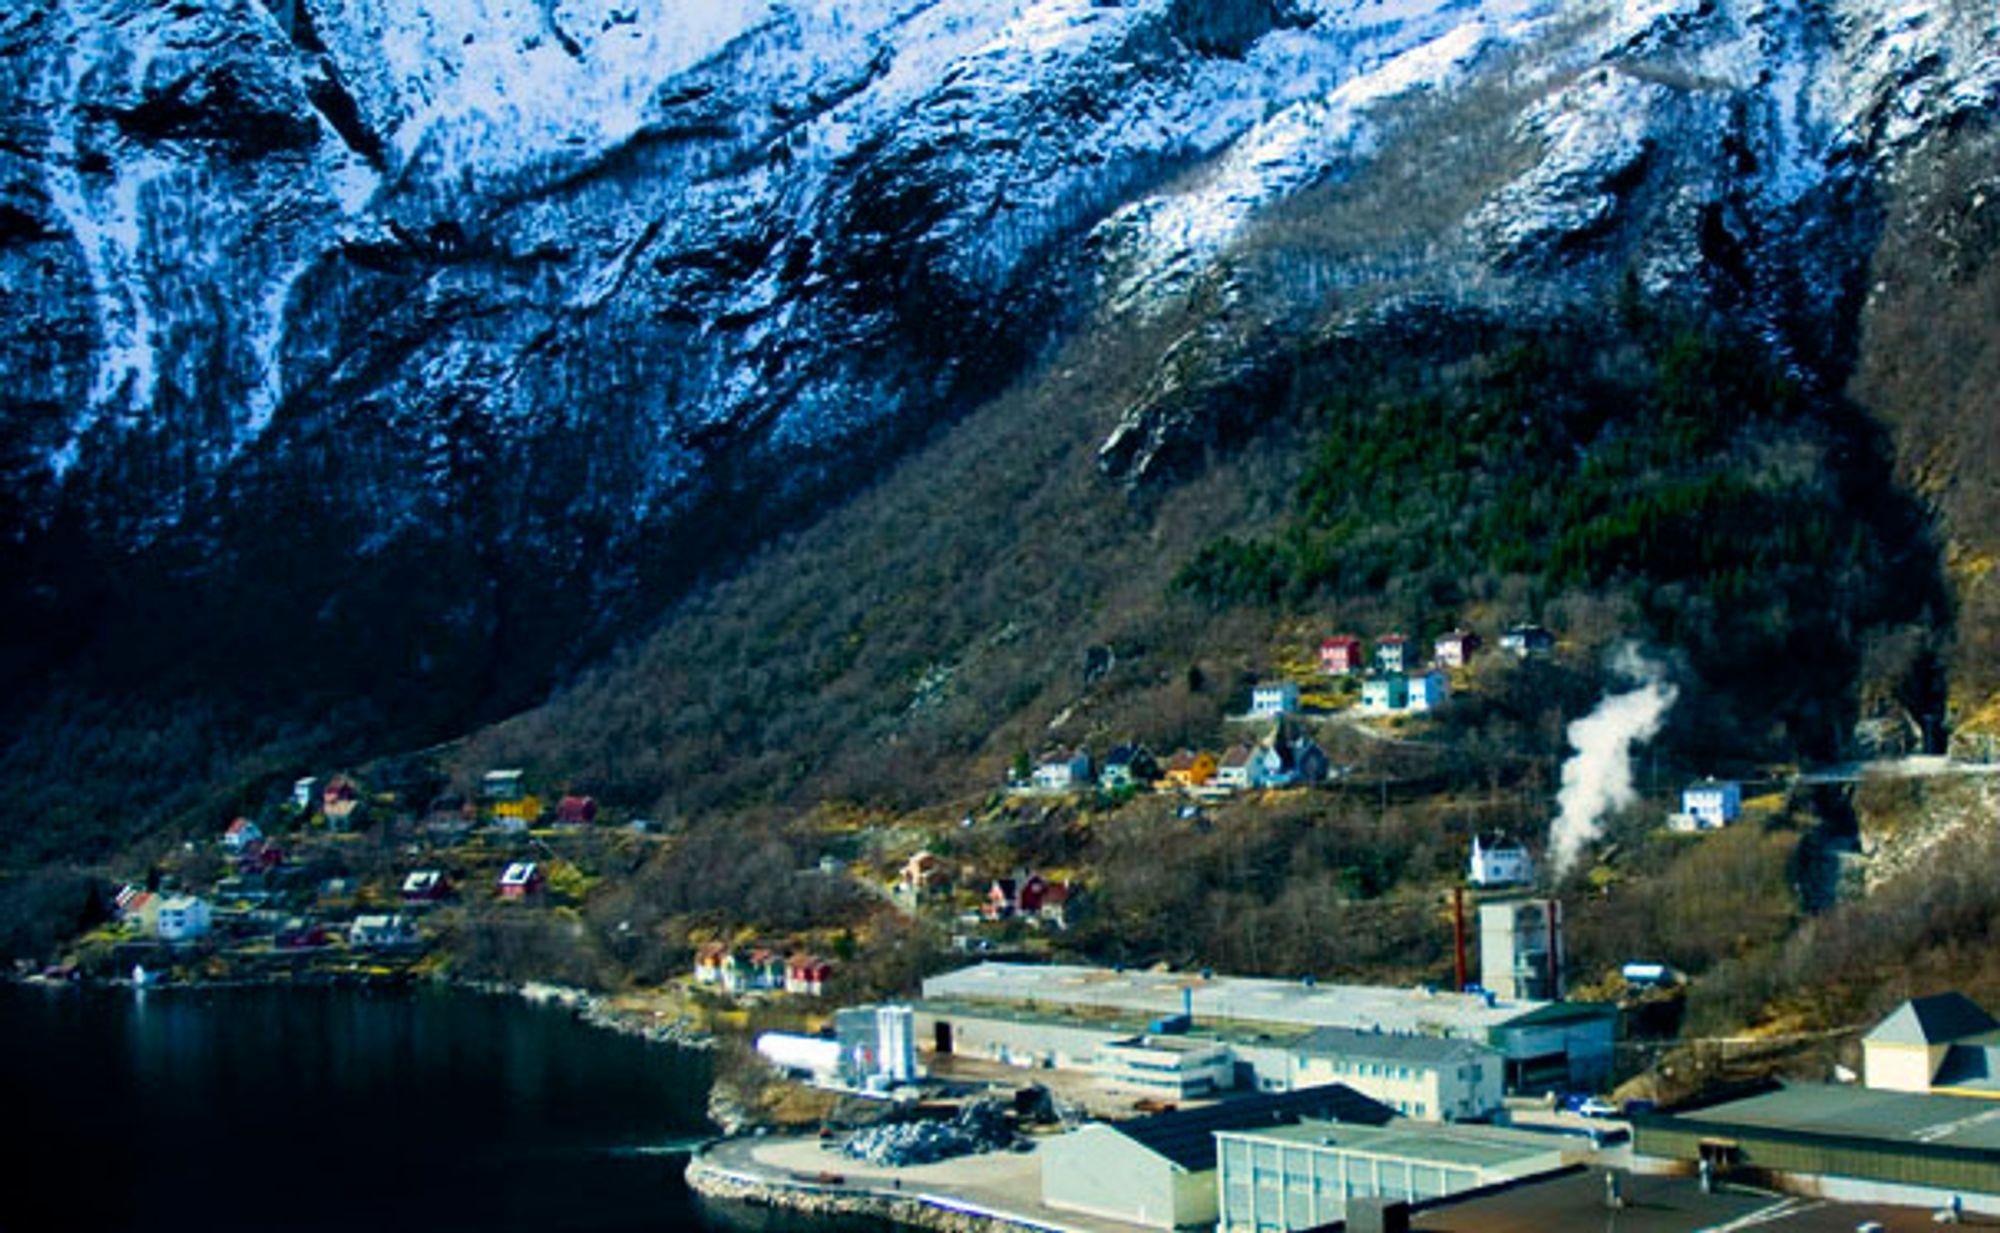 Eras Metal i Høyanger ble stengt på dagen og har senere fått en bot på 1,5 millioner for utslippene som ble kjent i 2009. Nå er to tidligere ledere ved fabrikken dømt til ubetinget fengsel.